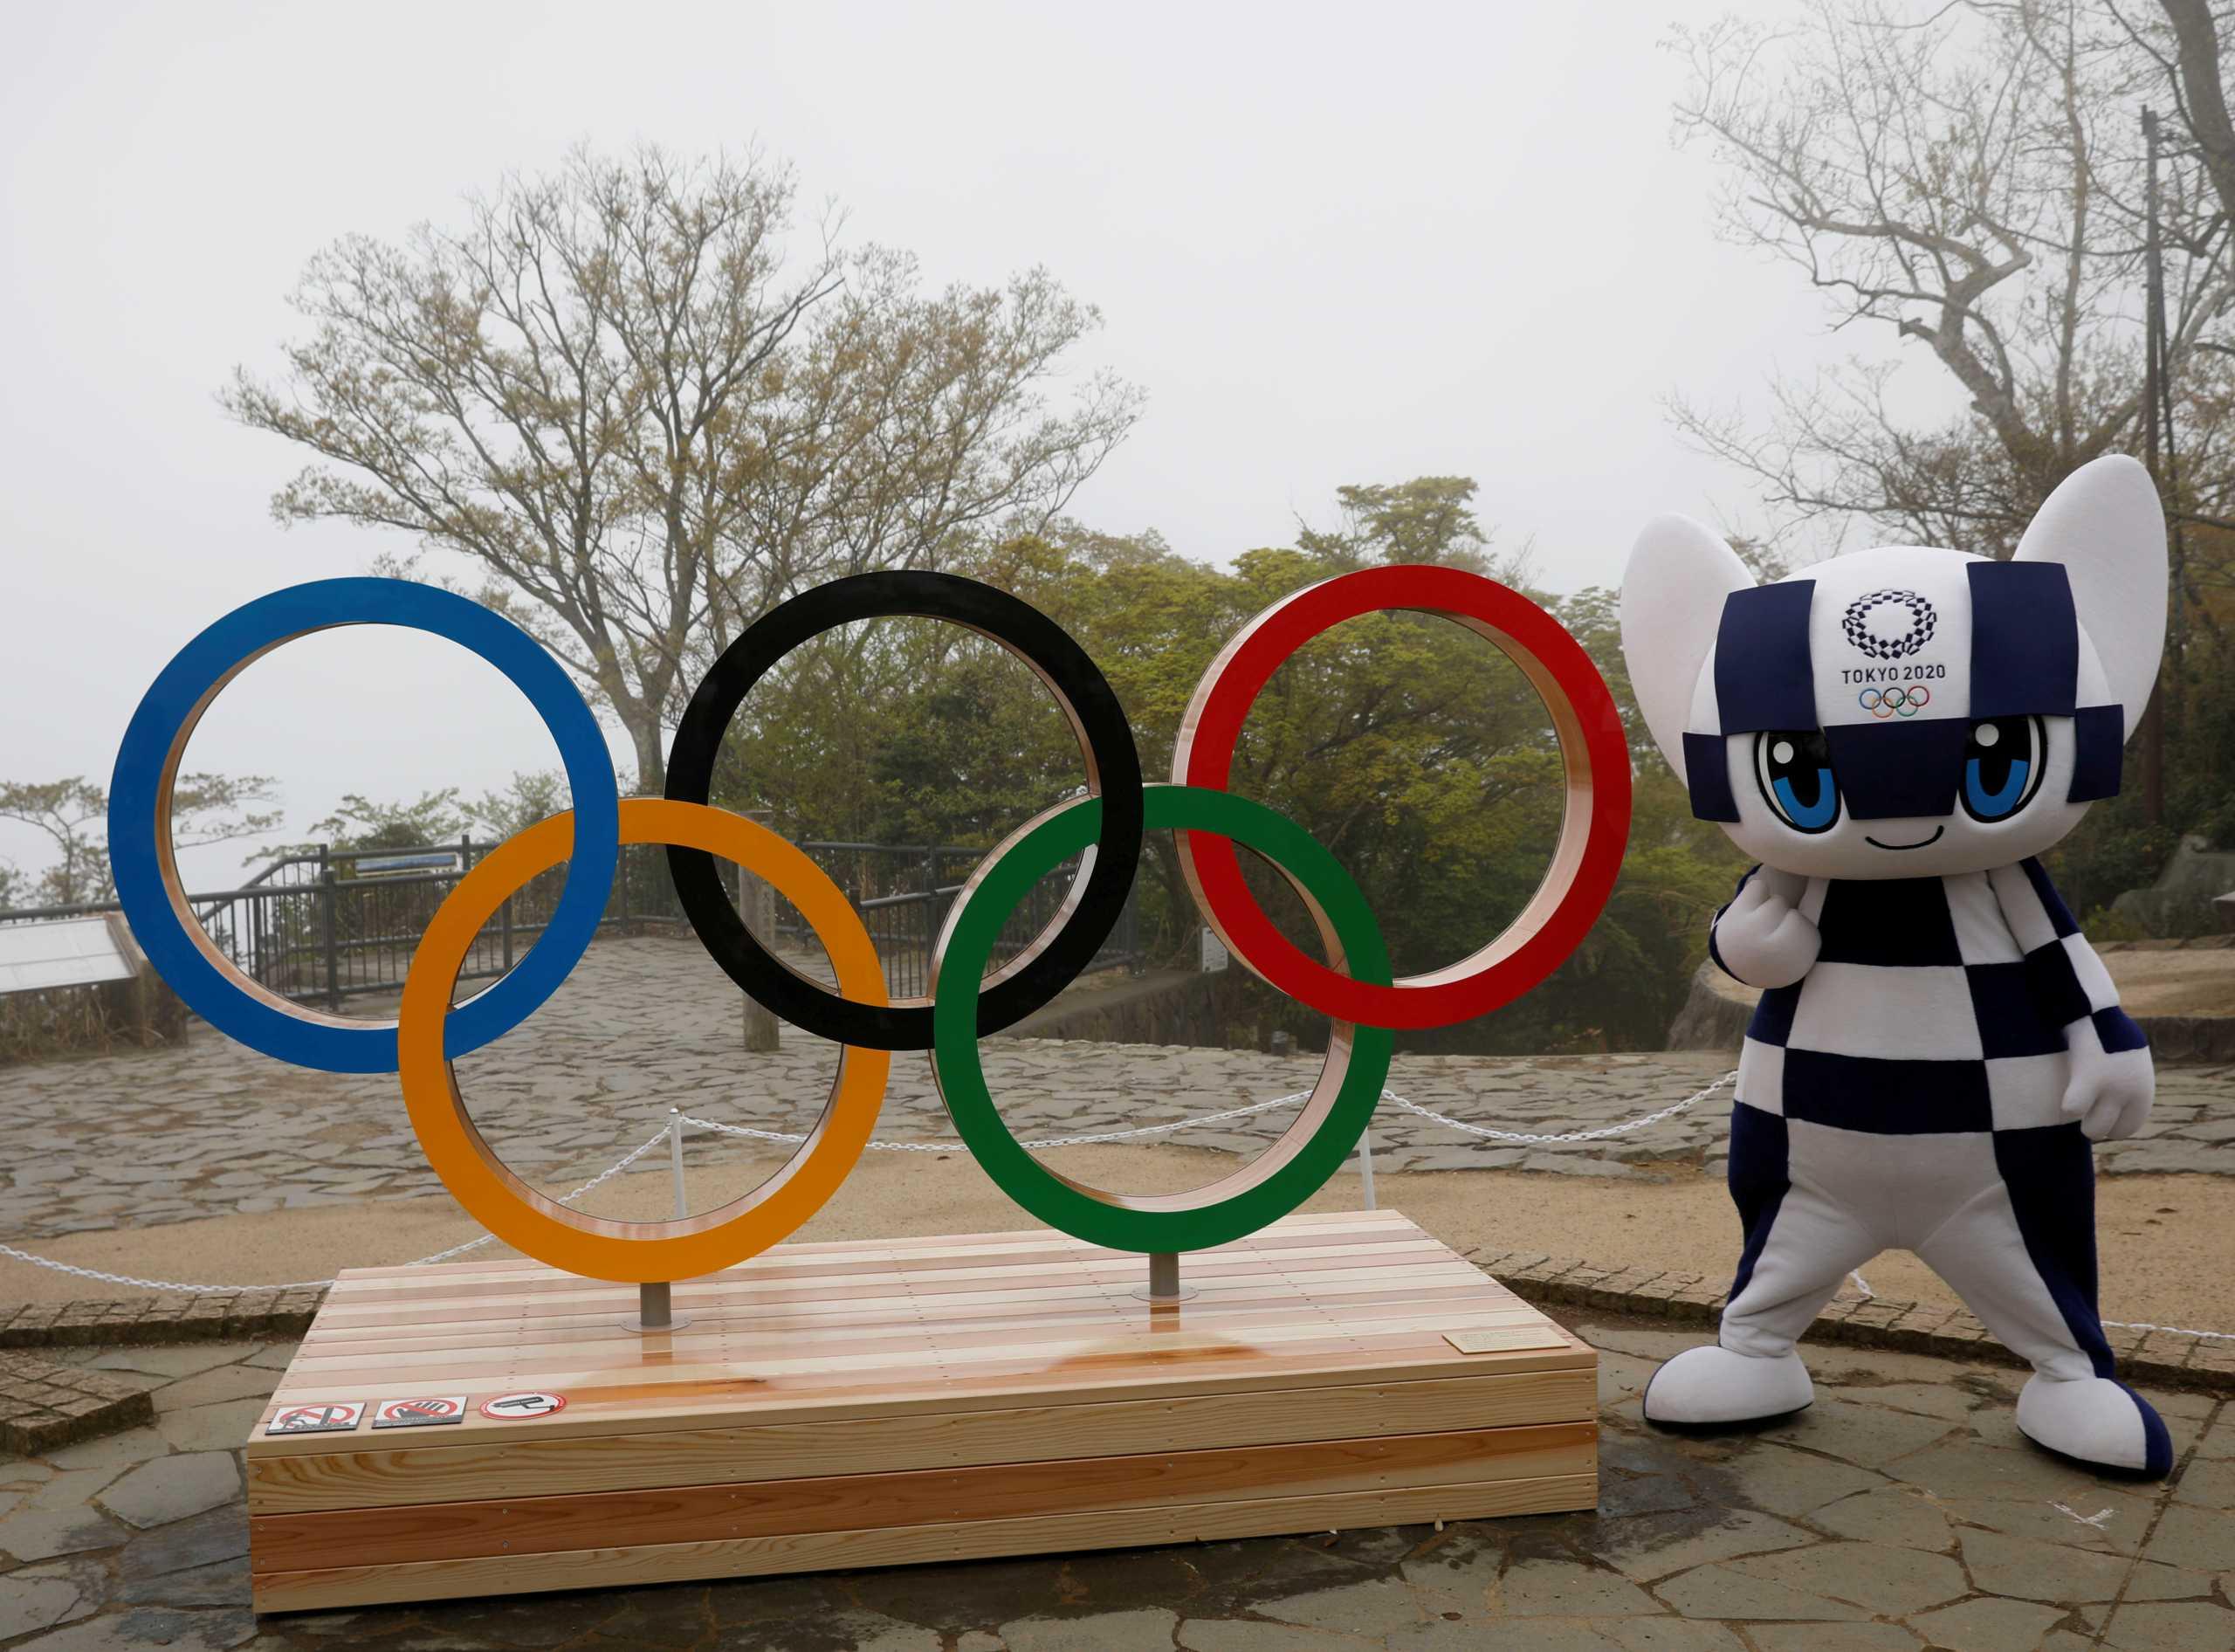 Οι Ολυμπιακοί Αγώνες φέρνουν πρόωρες εκλογές στην Ιαπωνία